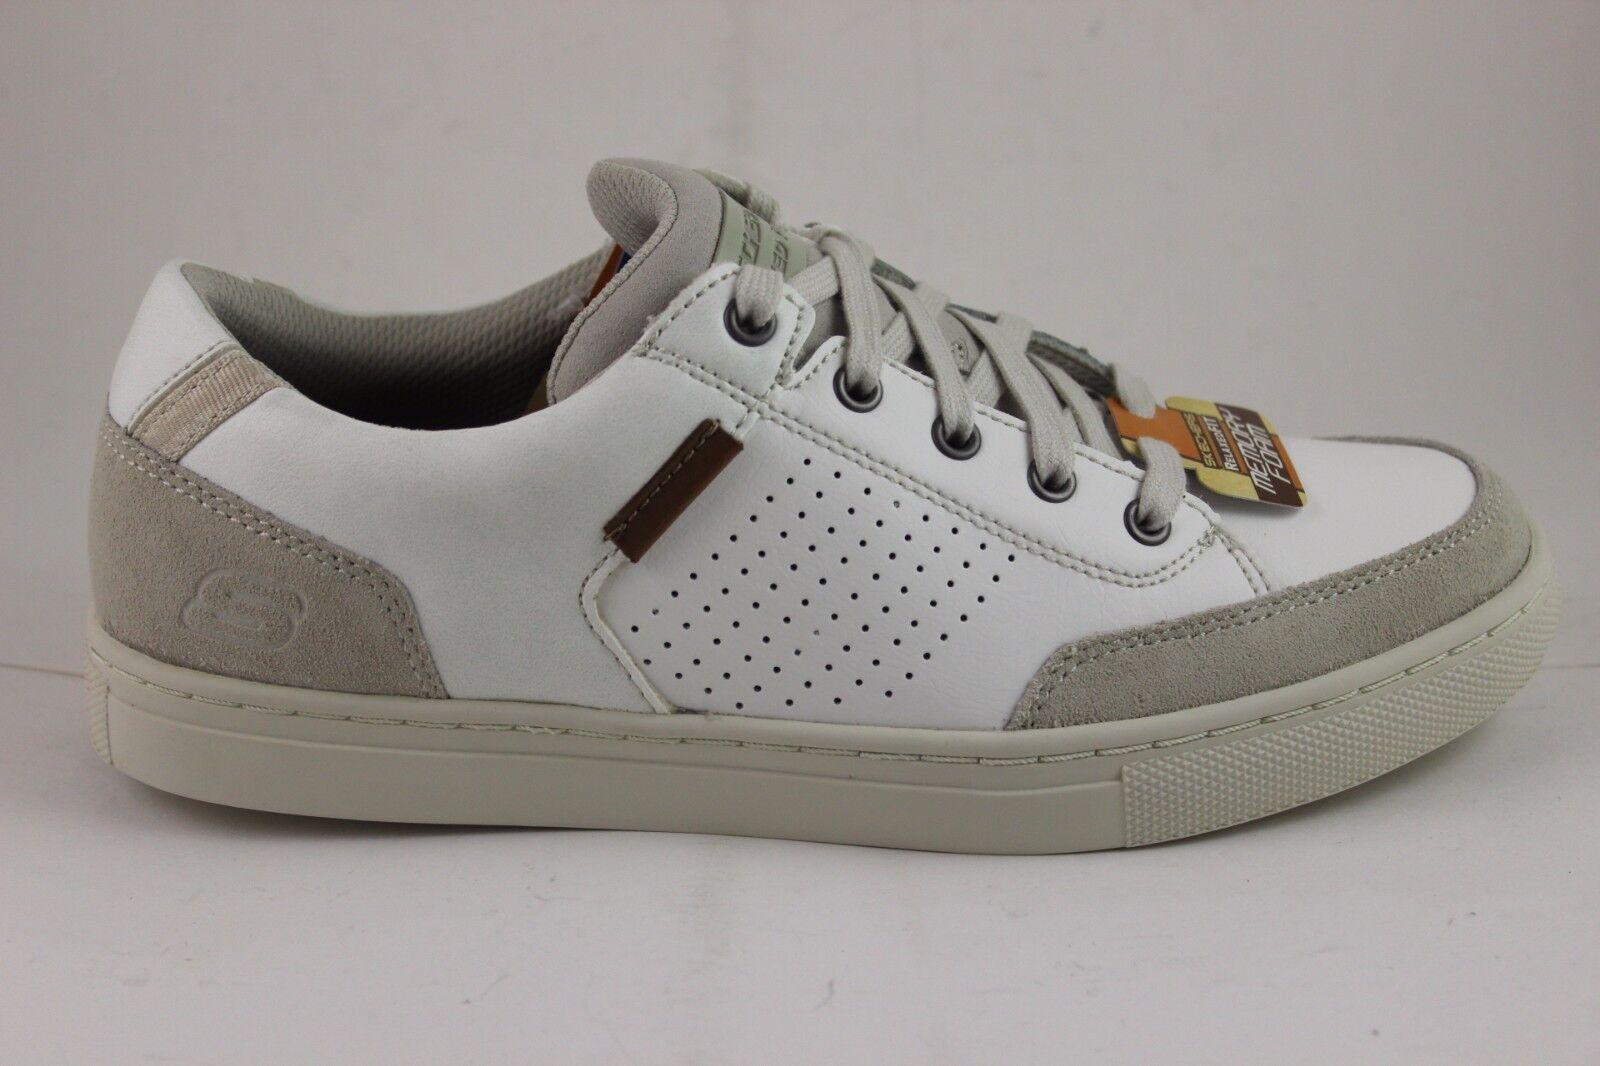 Skechers Hombre Elvino-Lemen 64796 blancooo blancooo blancooo rojoo Espuma Viscoelástica Nuevo en 733020